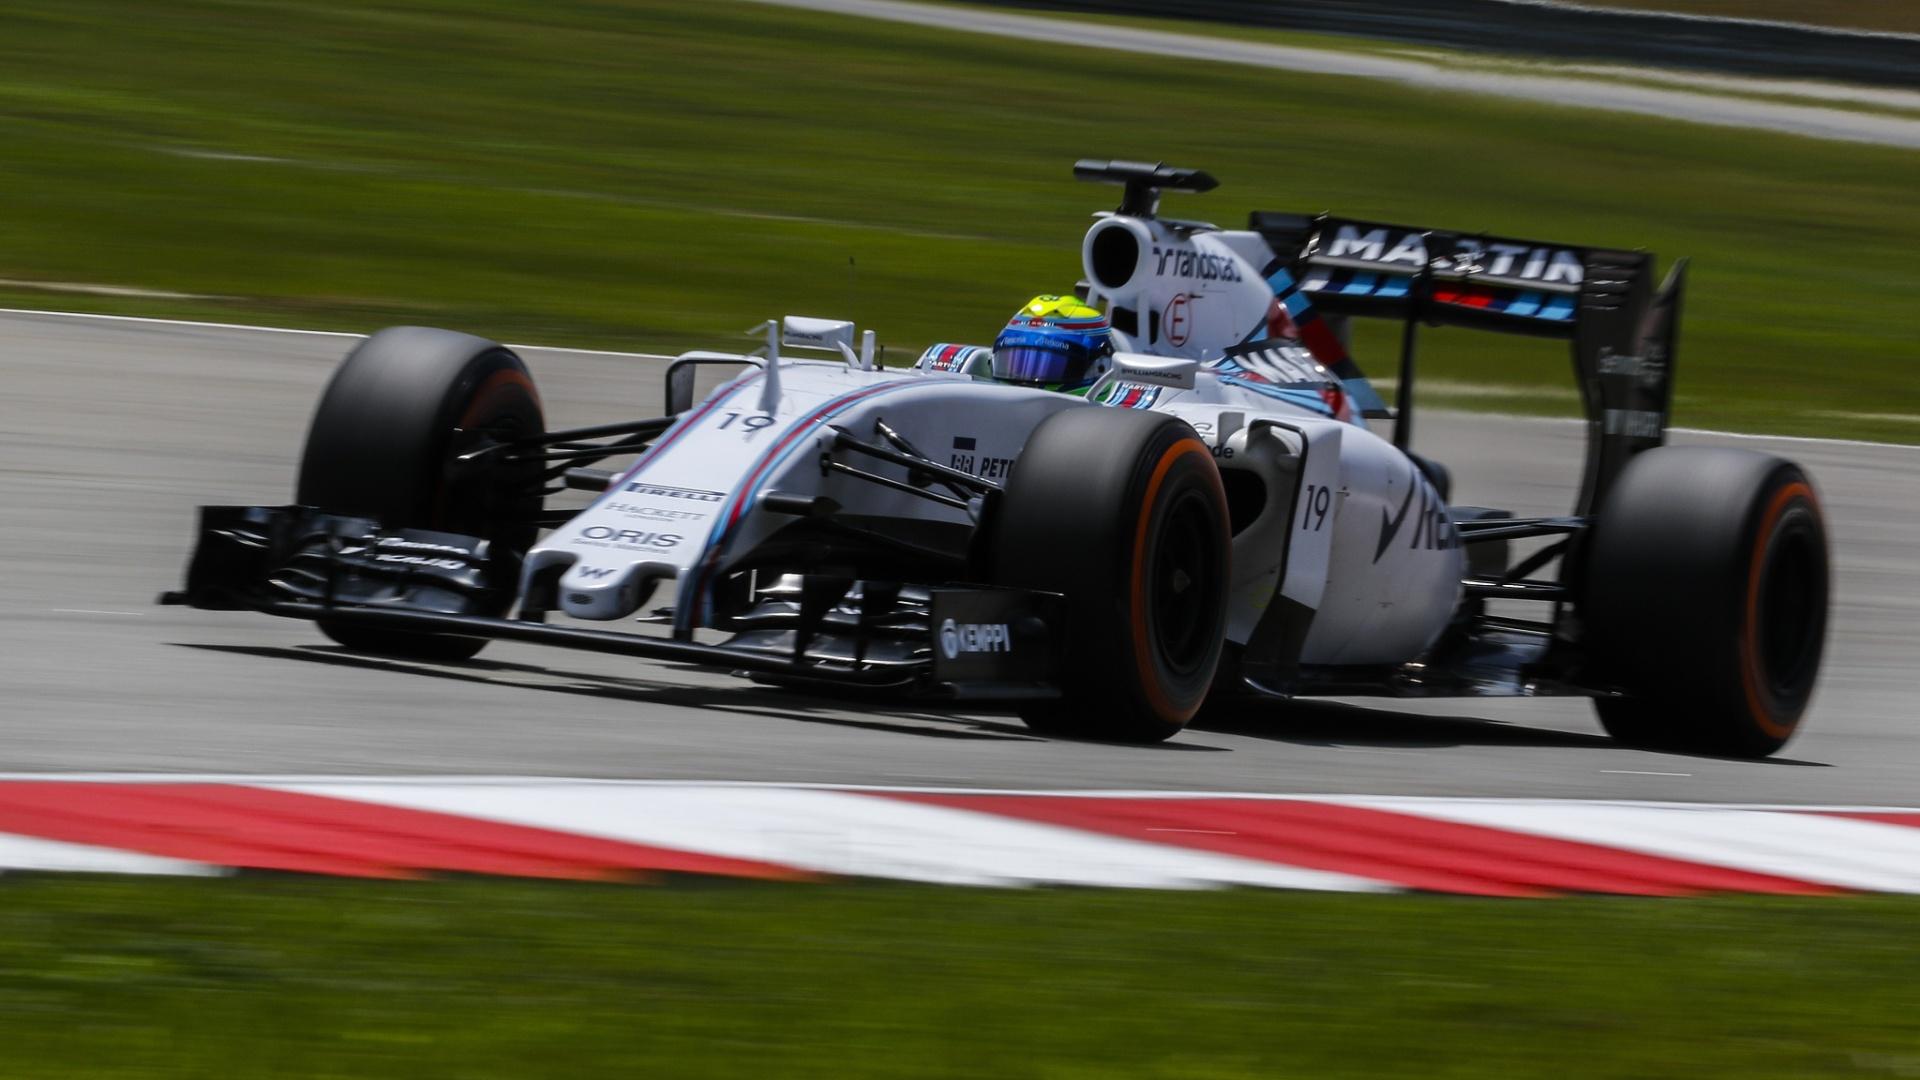 29.mar.2015 - Felipe Massa acelera sua Williams pelo circuito de Sepang